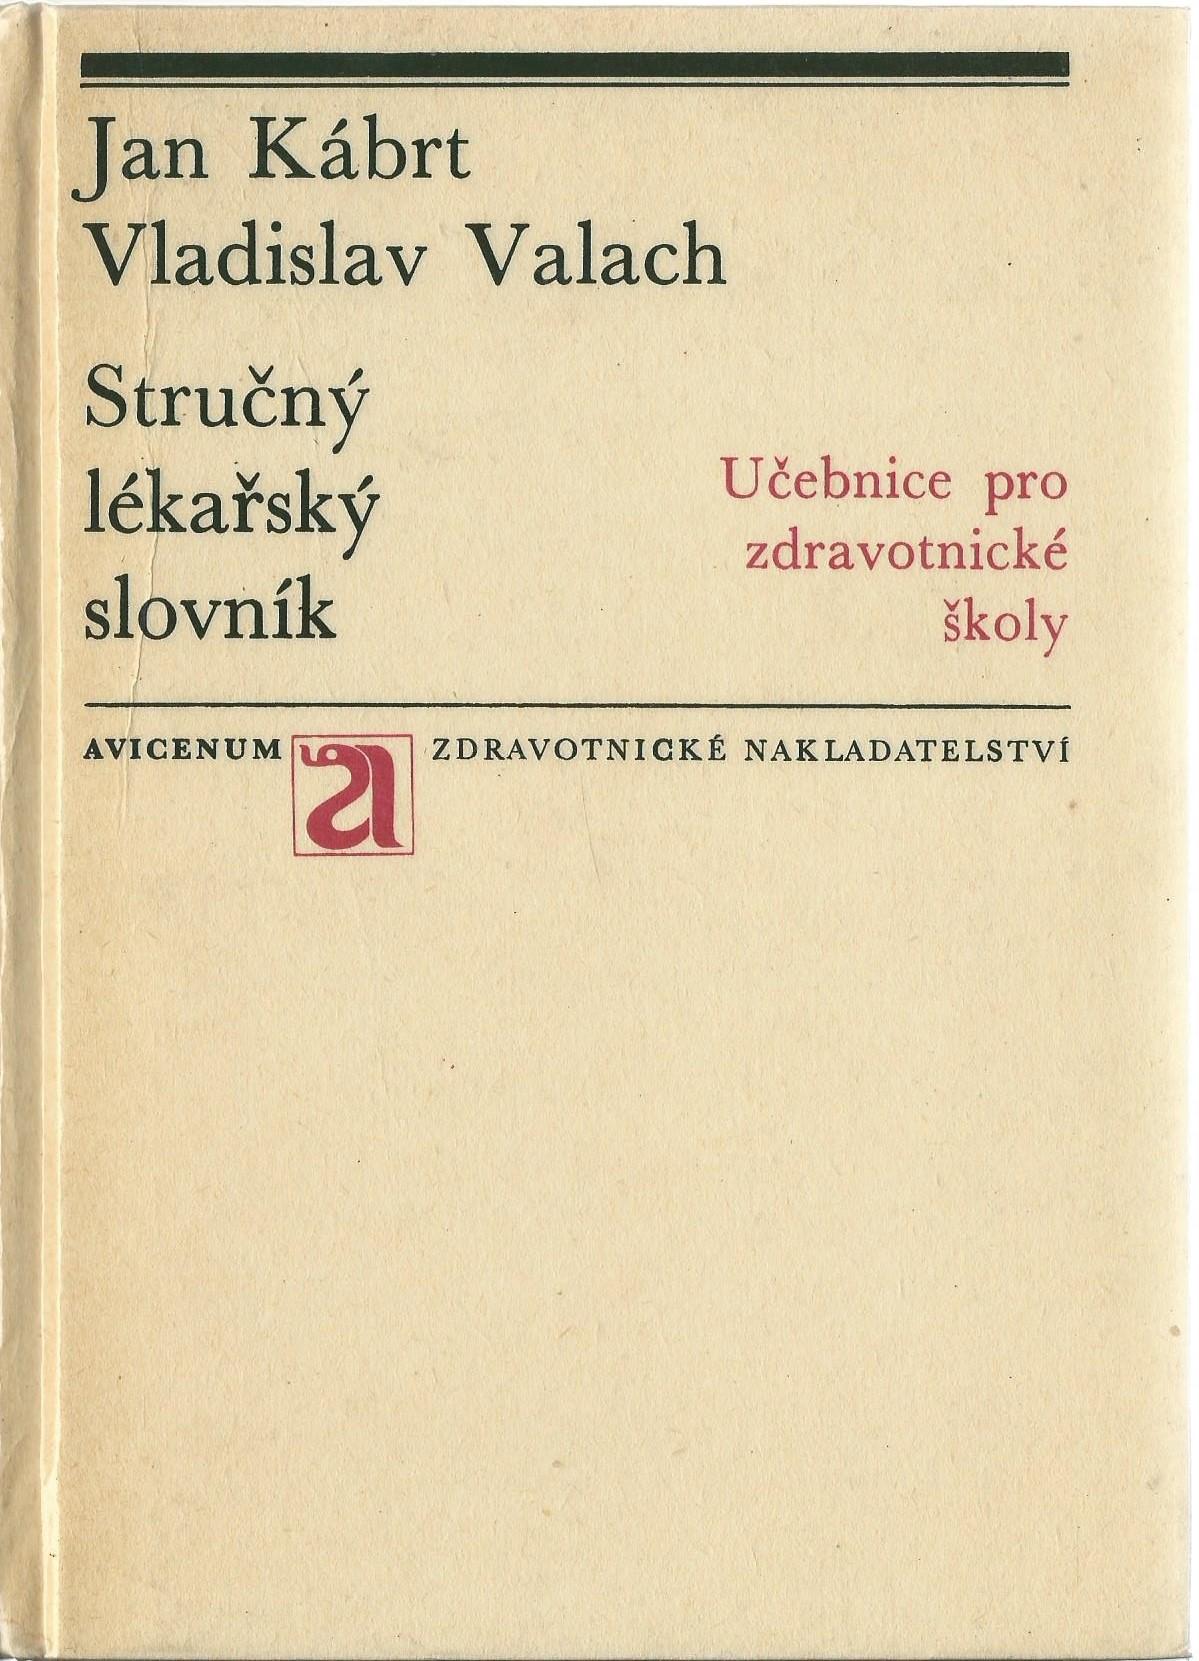 Stručný lékařský slovník - Jan Kábrt, Vladislav Valach